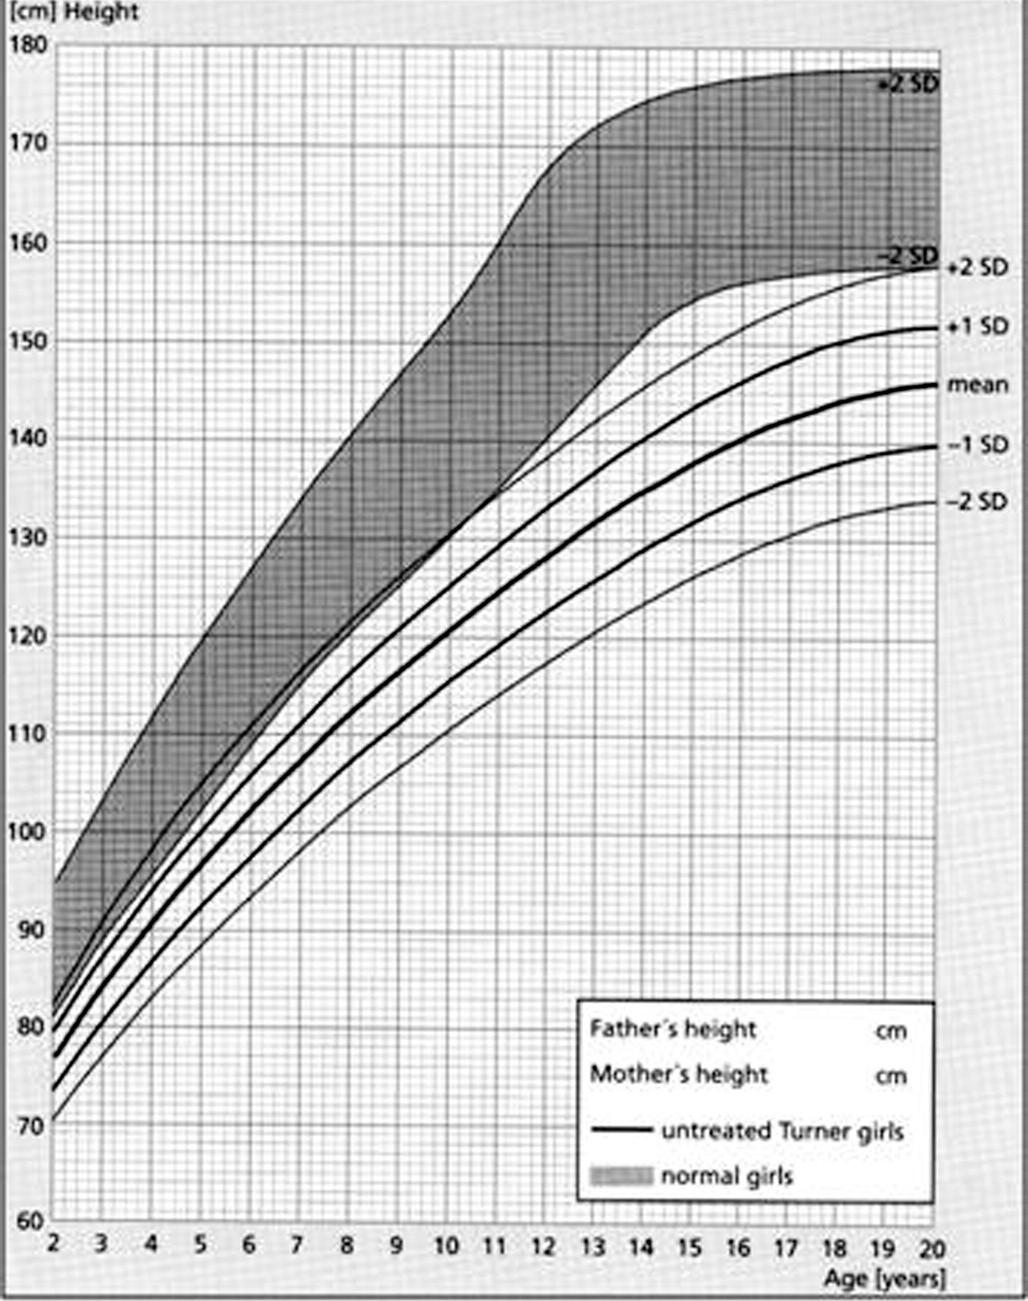 Růstový graf neléčených dívek s Turnerovýmsyndromem ve srovnání se zdravou dívčí populací (šedé pásmo) podle Rankeho (1983). Růstová retardace se u dívek s Turnerovým syndromem rozvíjí již od dětství a výrazně se prohlubuje v dospívání. Bez léčby dosahuje mladá žena s Turnerovým syndromem dospělé výšky v průměru 146 cm (s rozmezím od 134 do 158 cm).